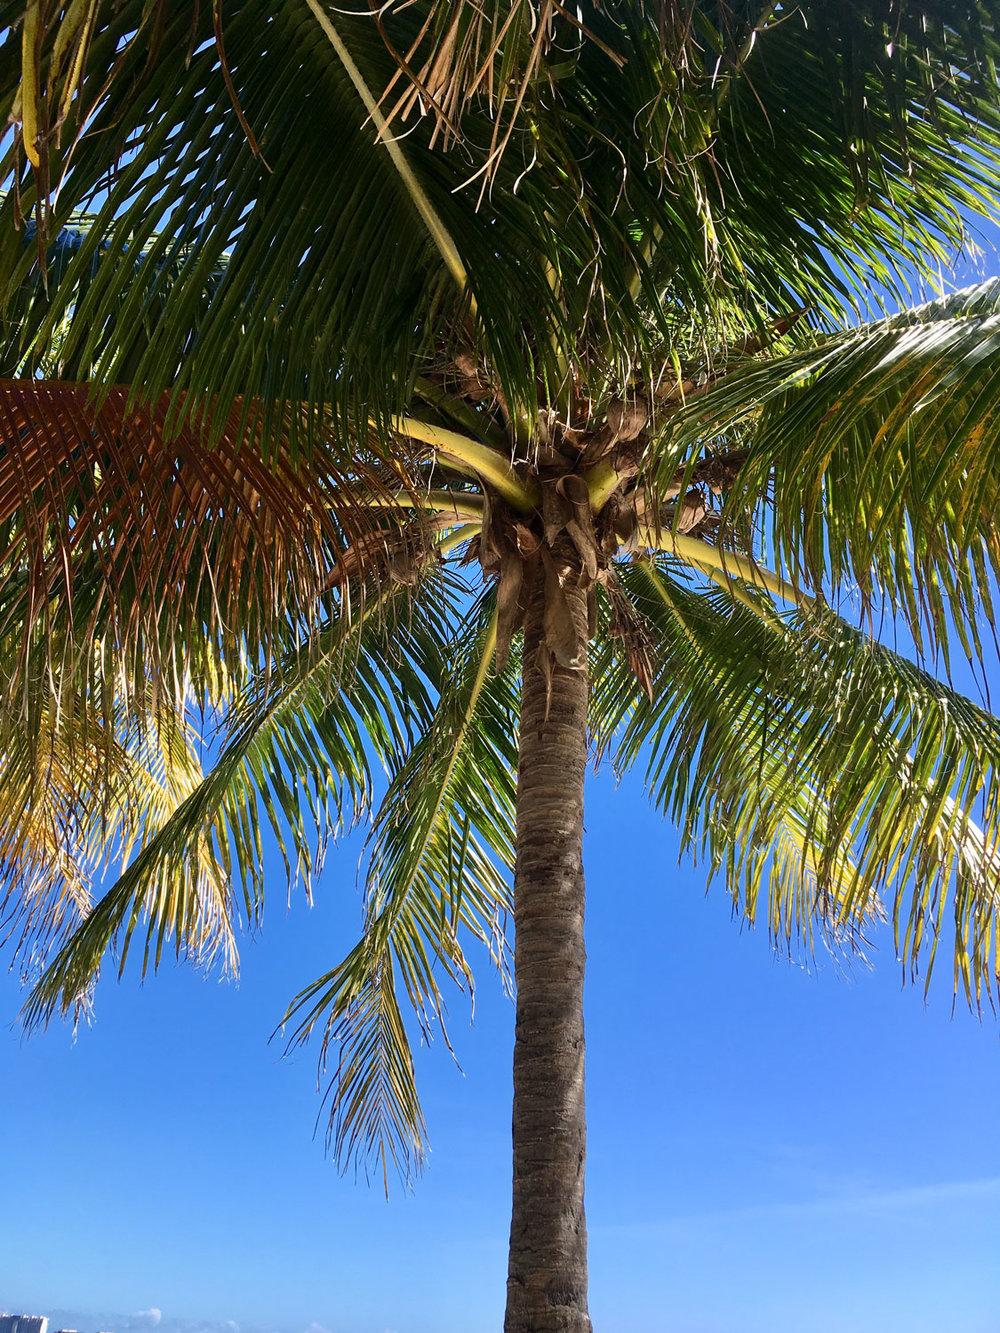 Hammocks_and_Ruins_Things_To_Do_Cancun_Explore_Riviera_Maya_Mexico_Cancun_Beaches_Coral_El_Mirador_II_13.jpg